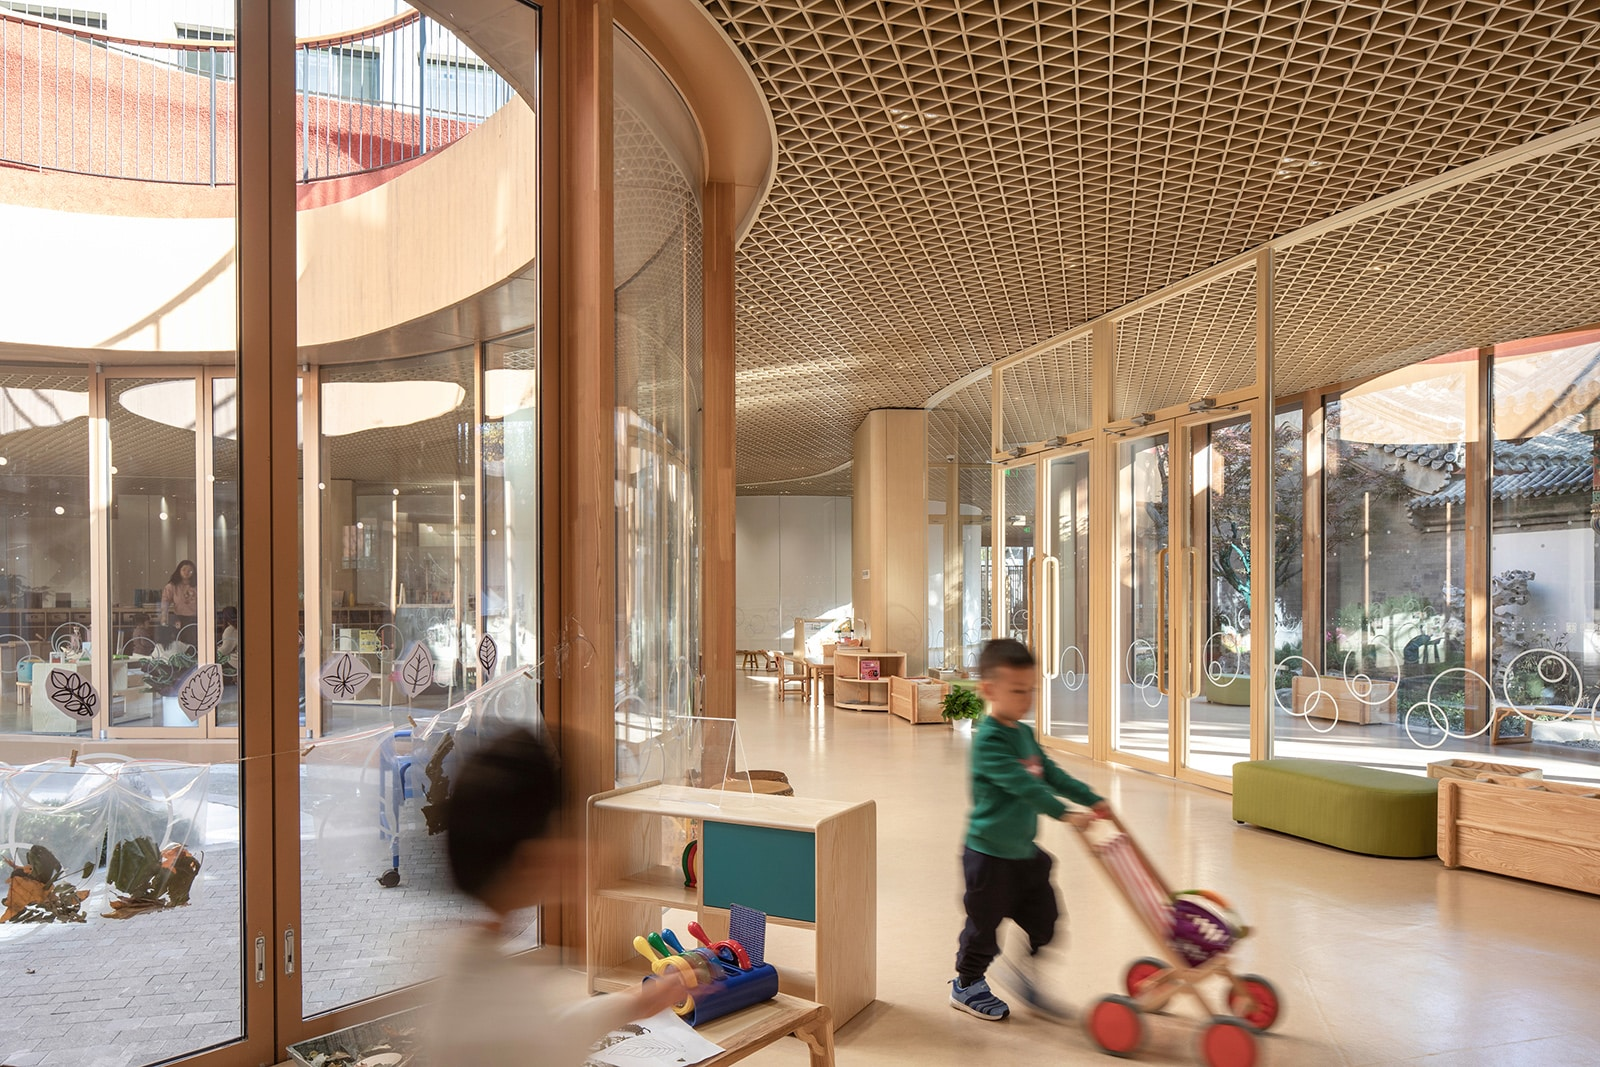 Yuecheng Courtyard Kindergarten  - 11.1 Tian Fangfang 59